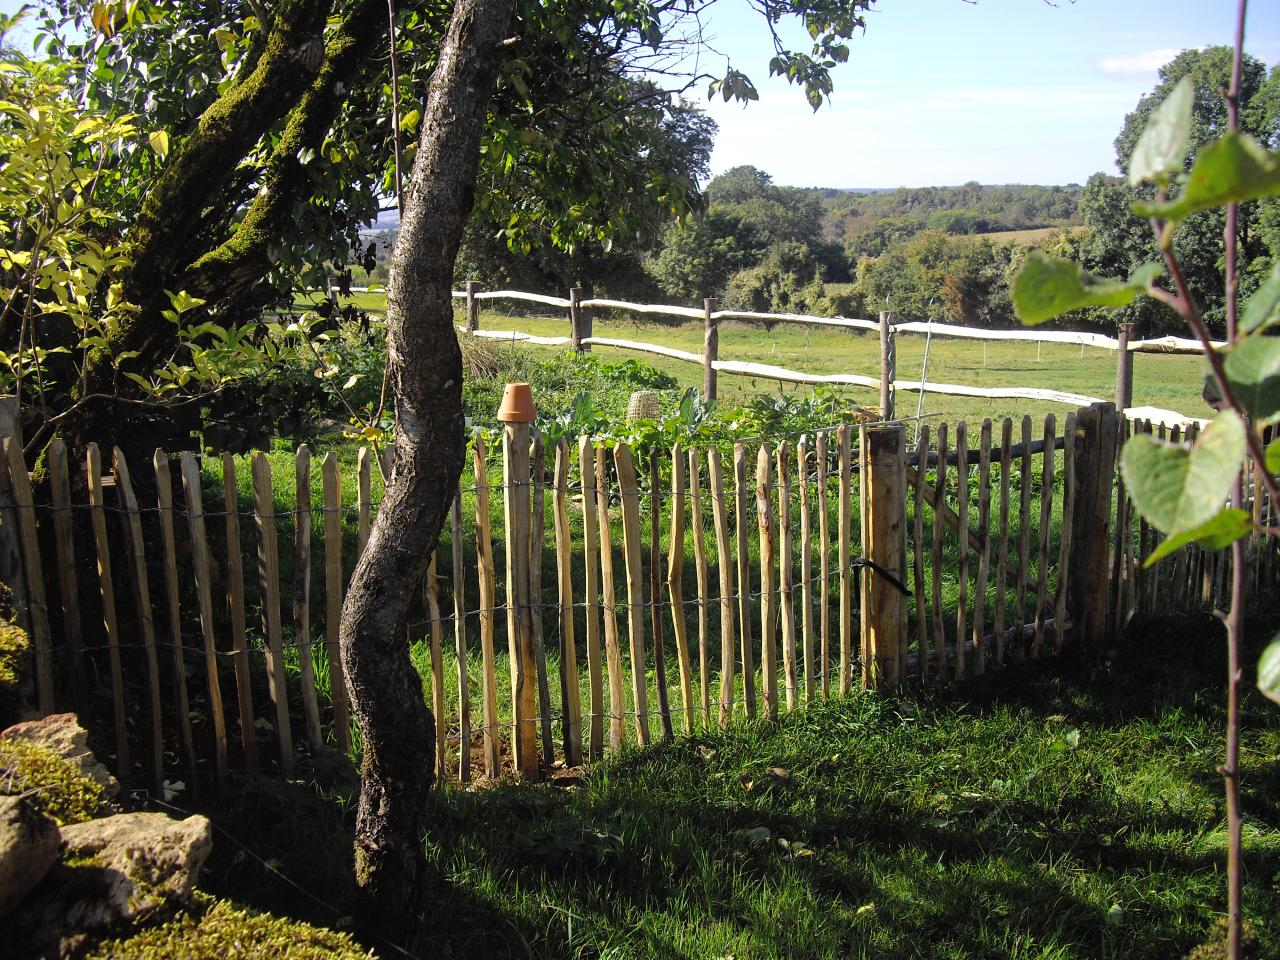 Le pr de la ferme du vieux poirier et le potager - Cloture de jardin chataignier ...